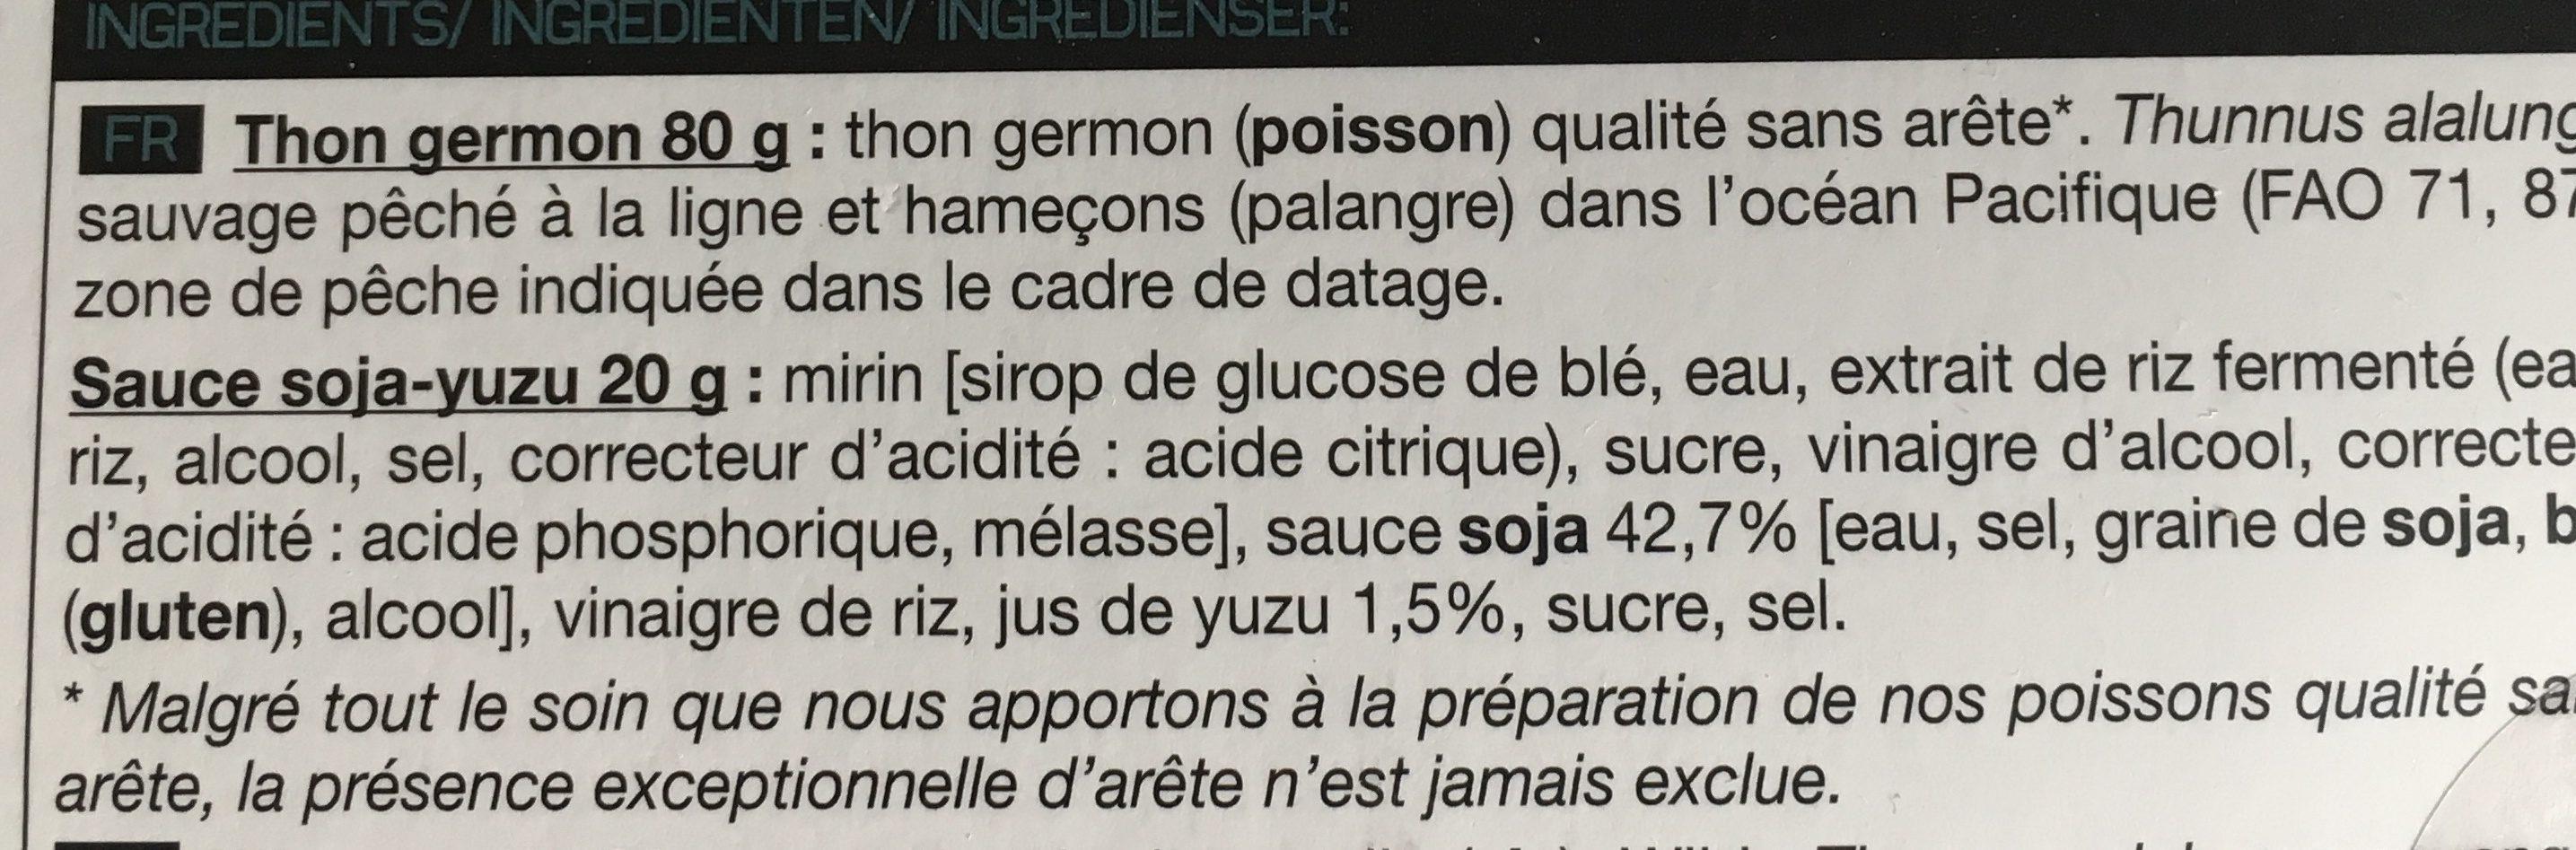 Sashimi Thon Germon - Ingredients